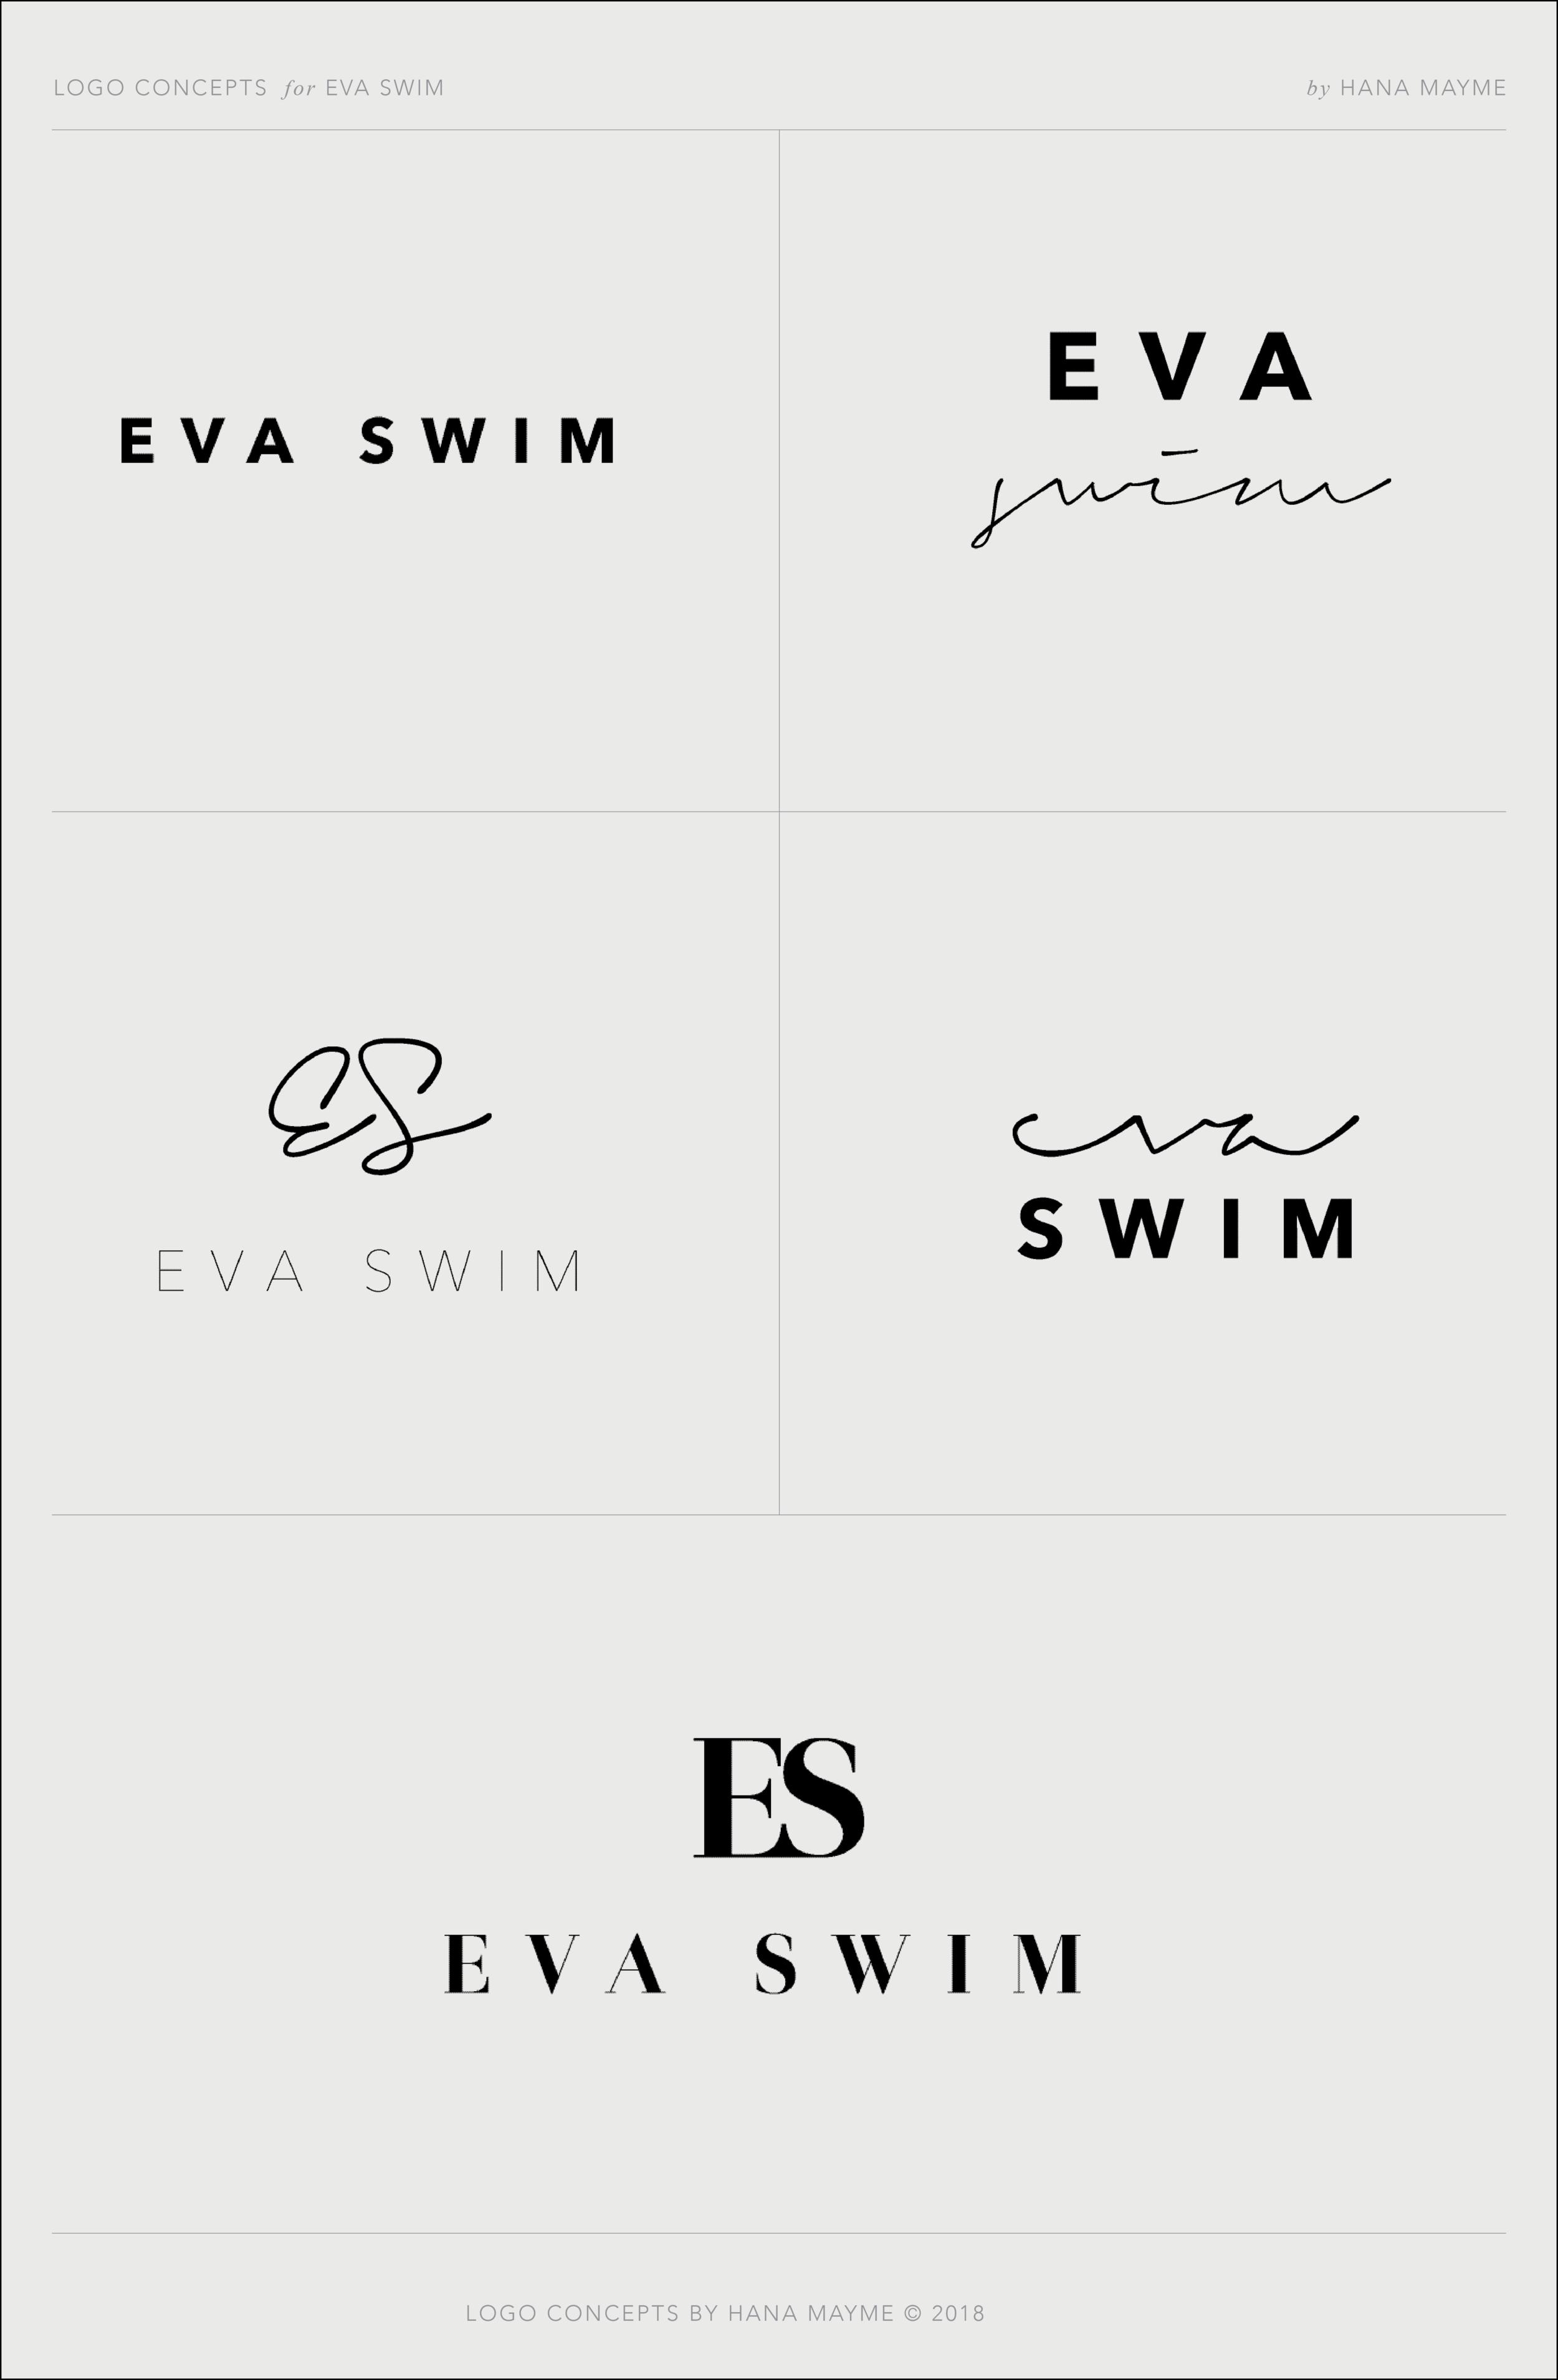 EvaSwim_Primary Logo Concepts.png